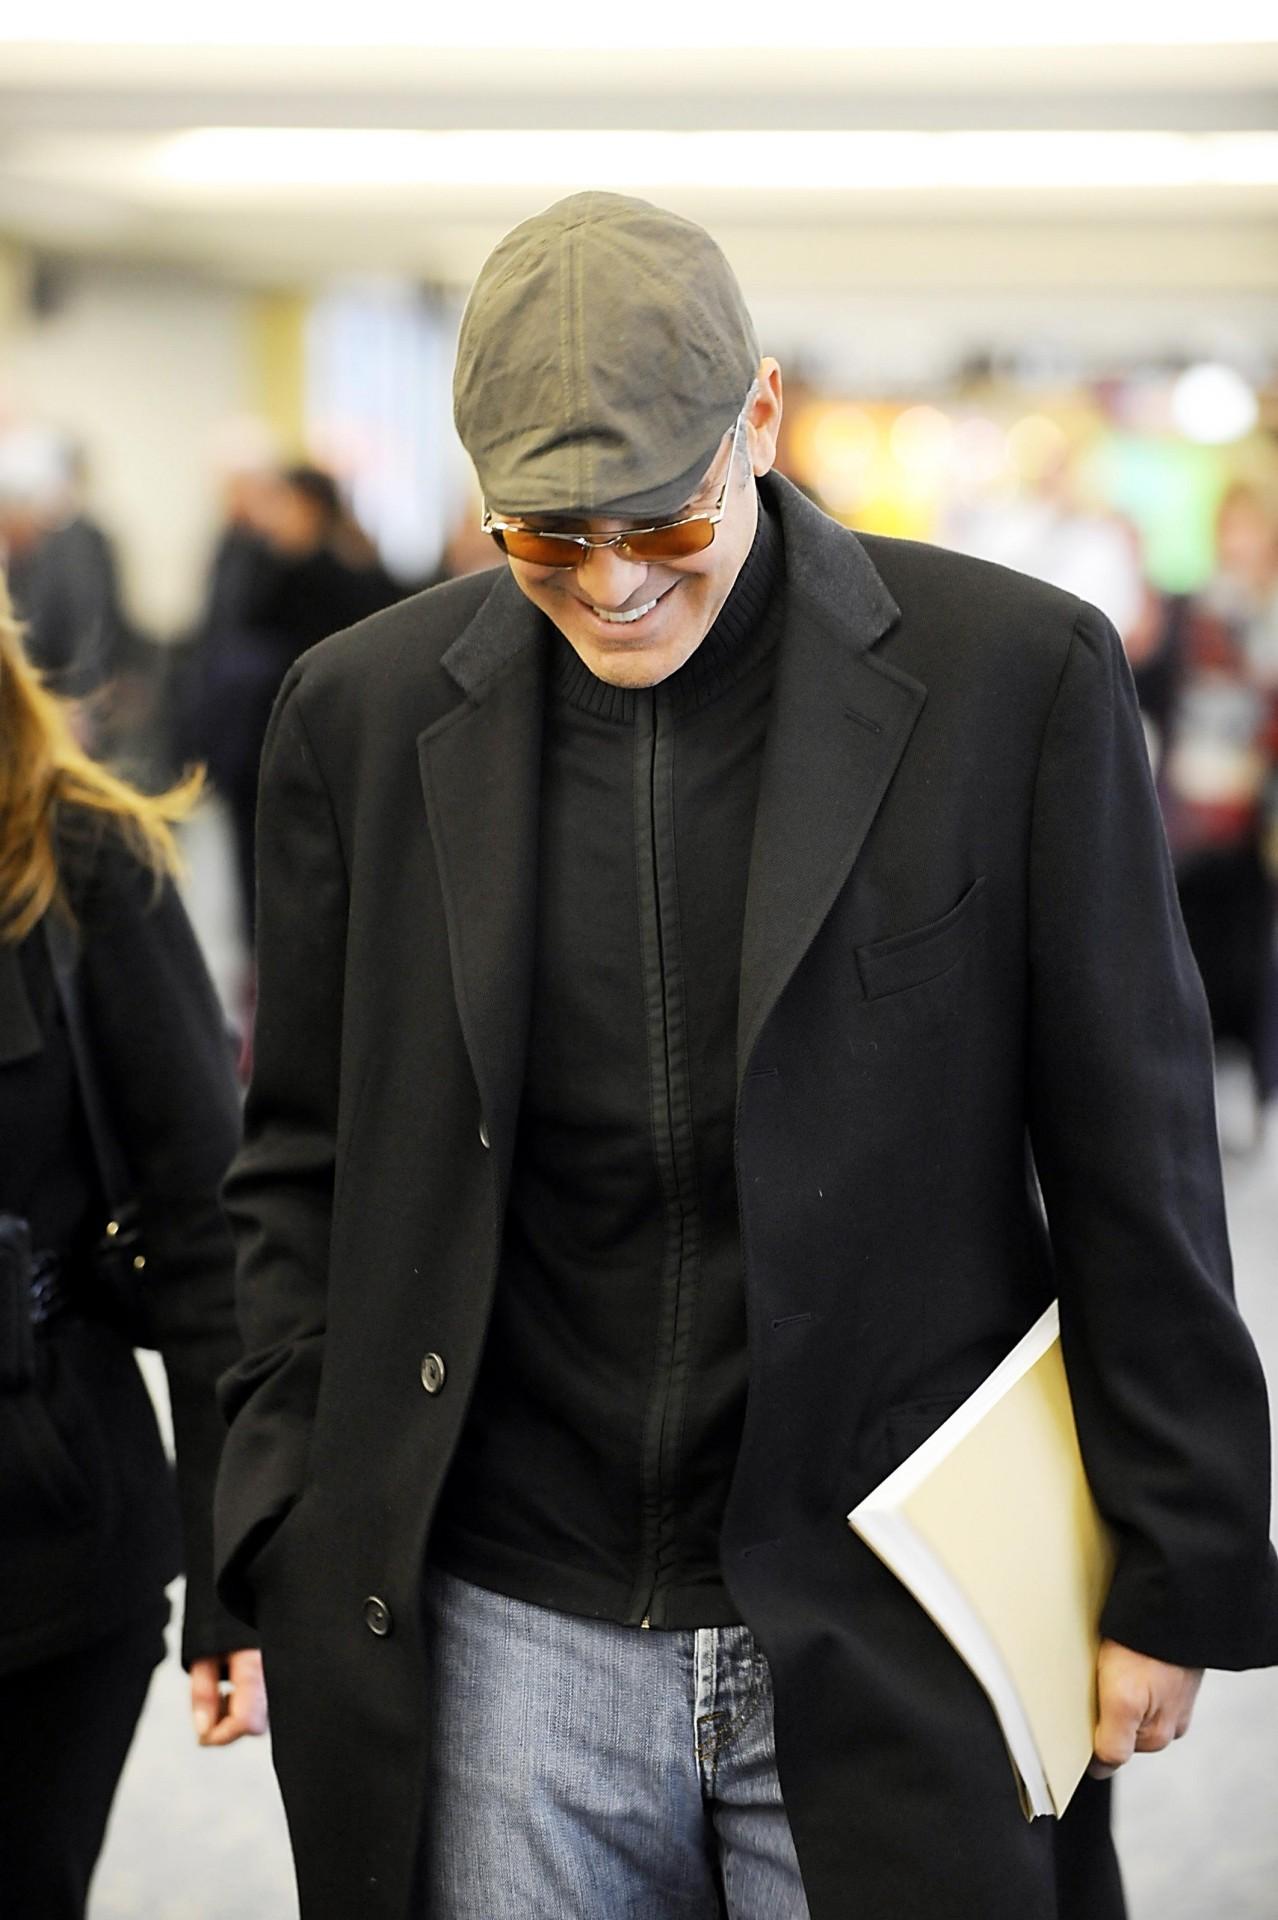 George Clooney George Clooney George Clooney! Tumblr_msflc4RqgX1sblz9yo3_1280